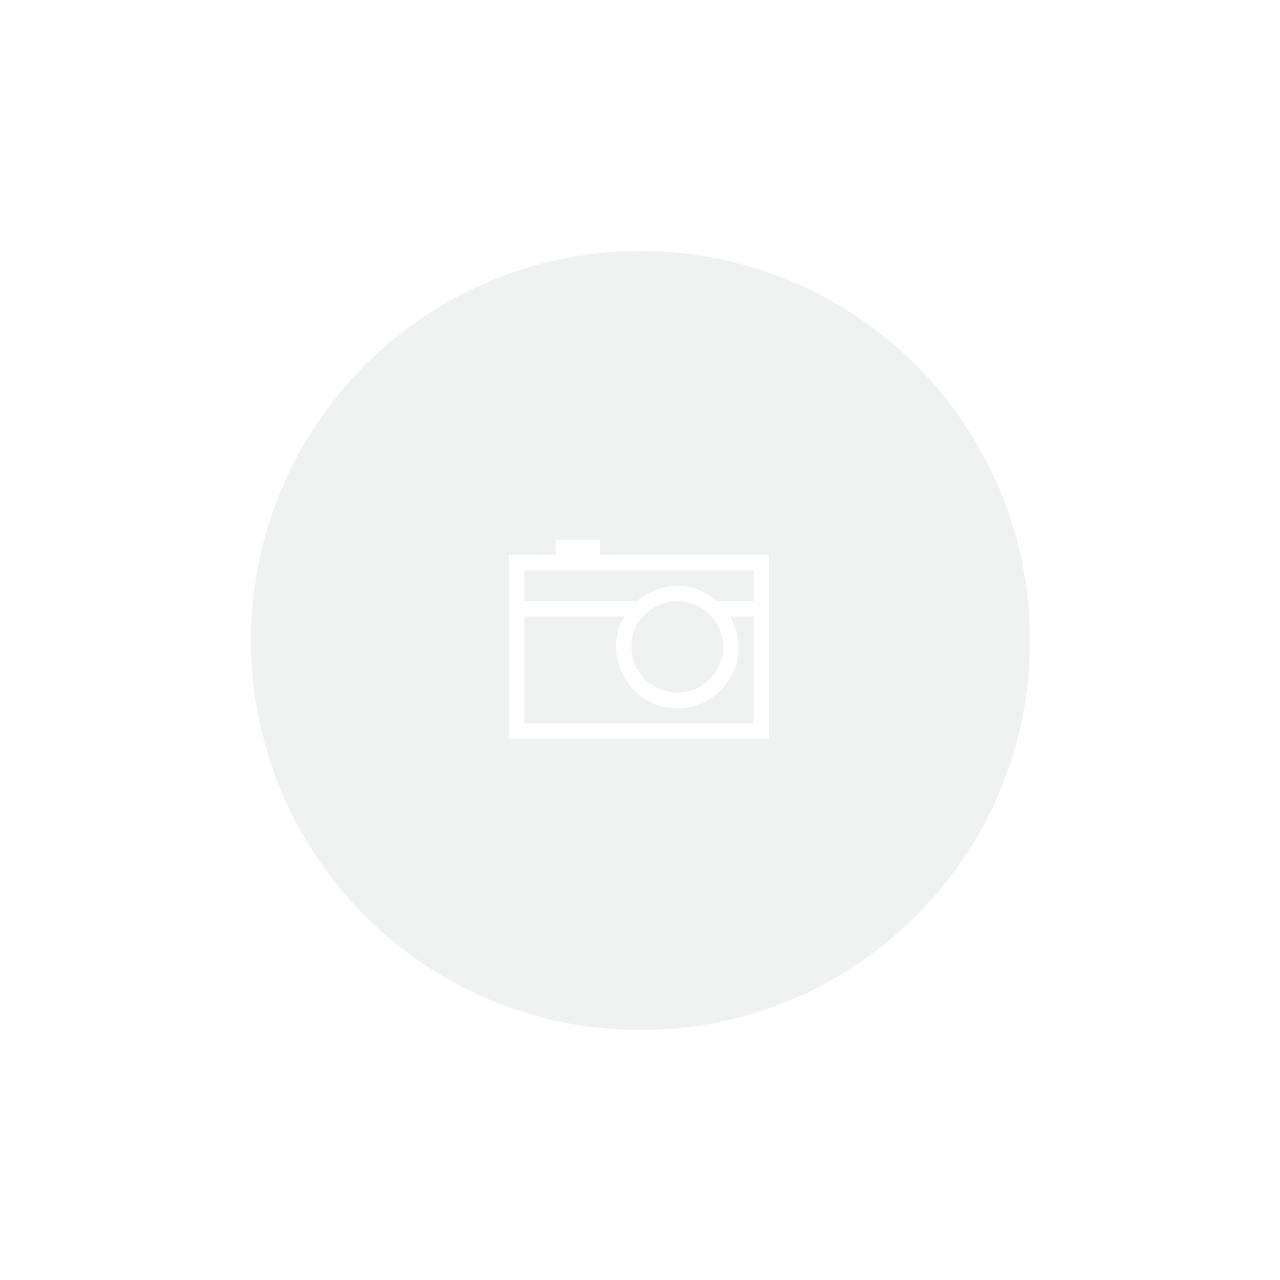 Caixa Plástica com Dobradiças - 280x180x140mm